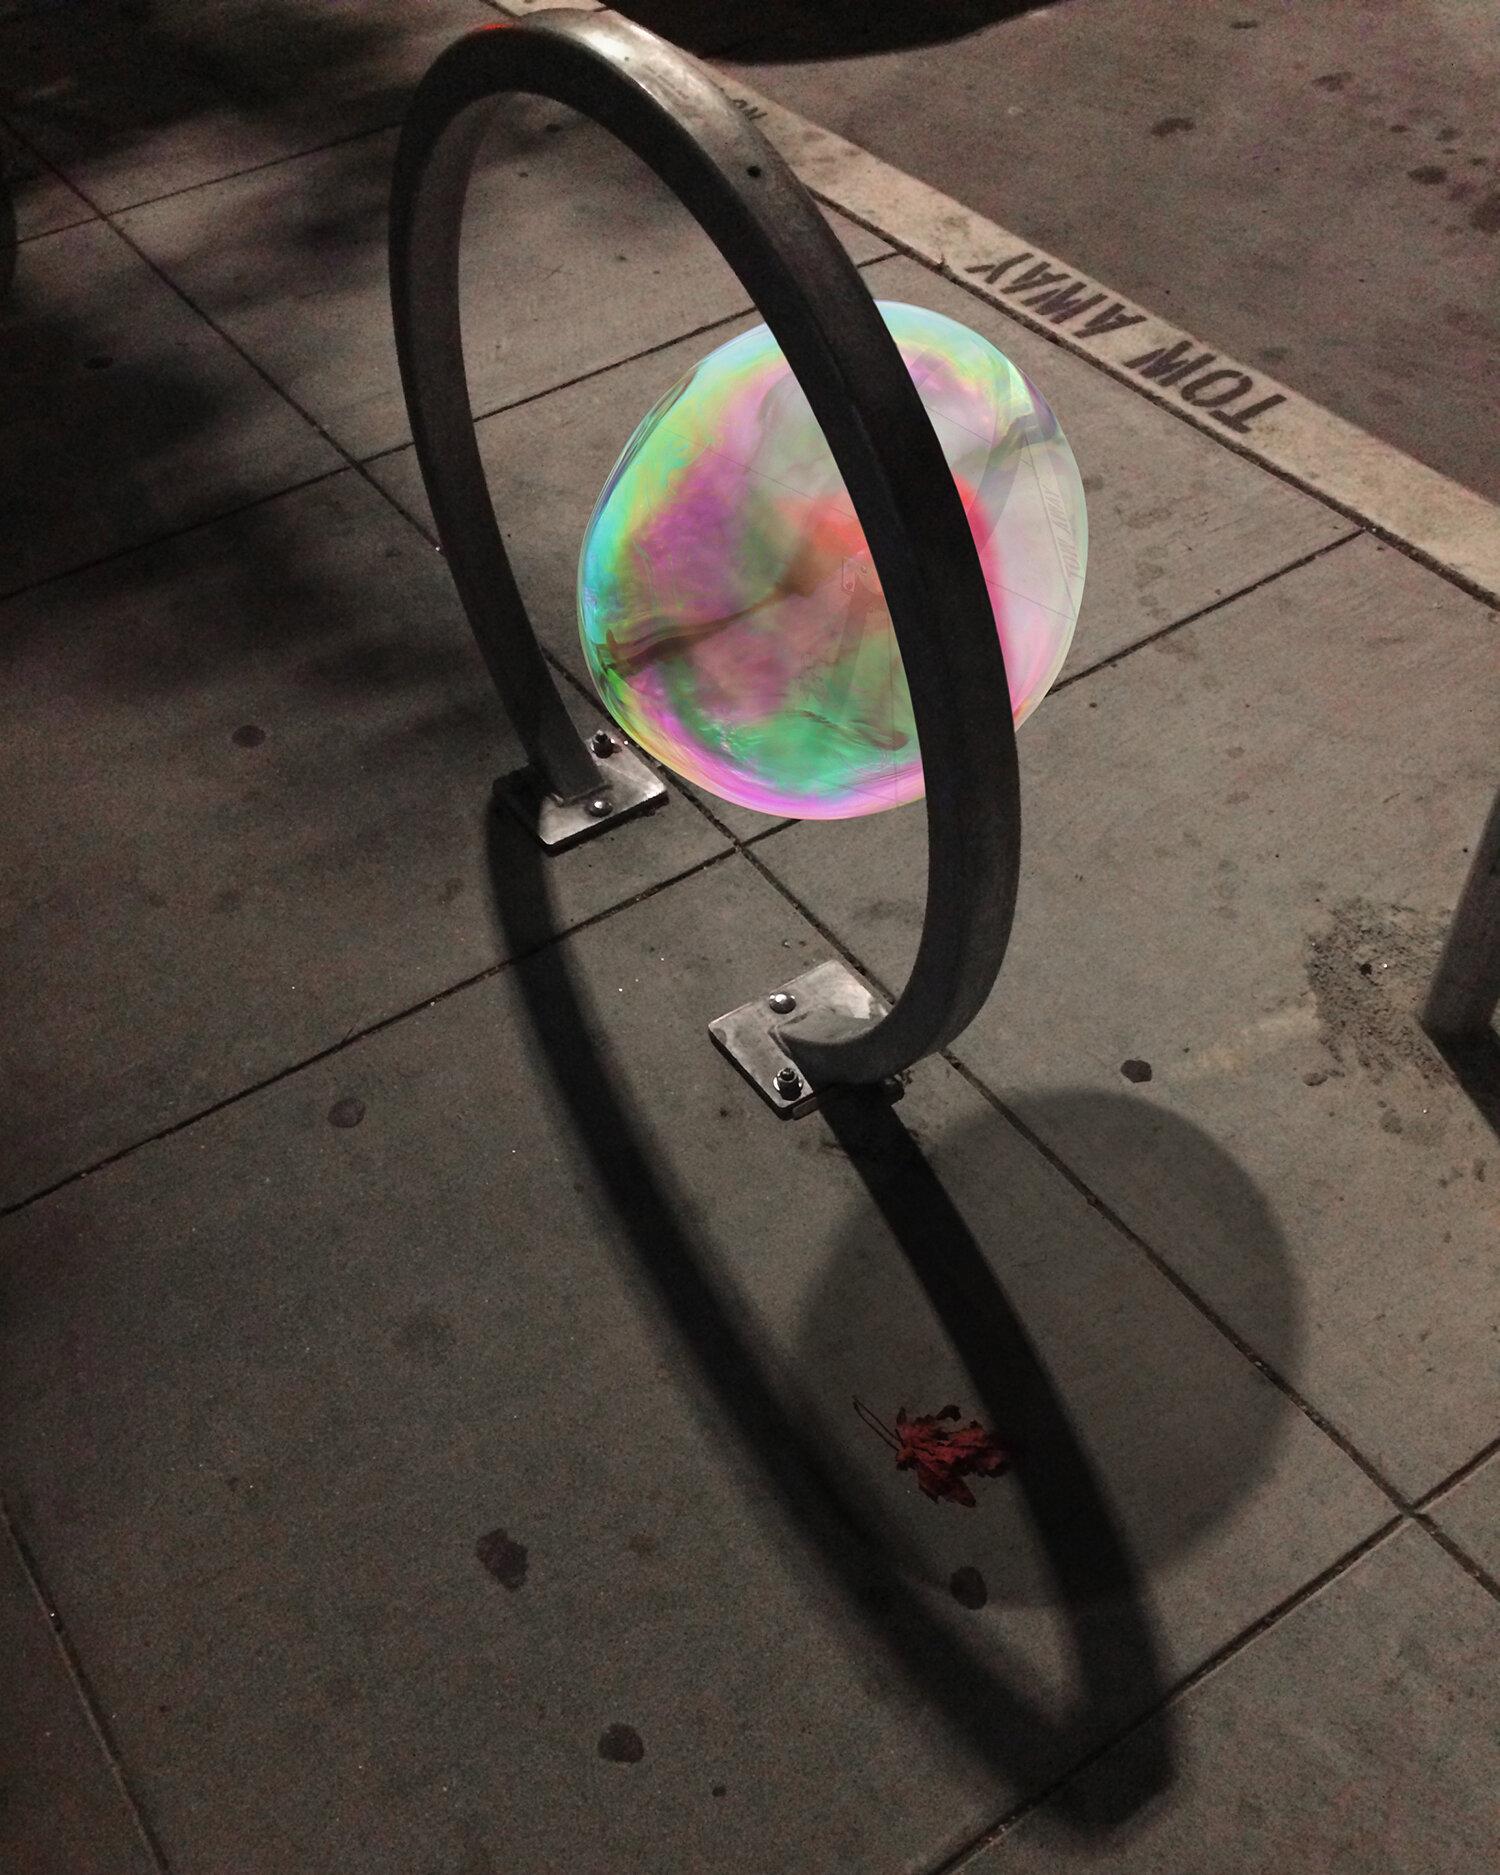 BretWoodard_nightbubbles.jpg